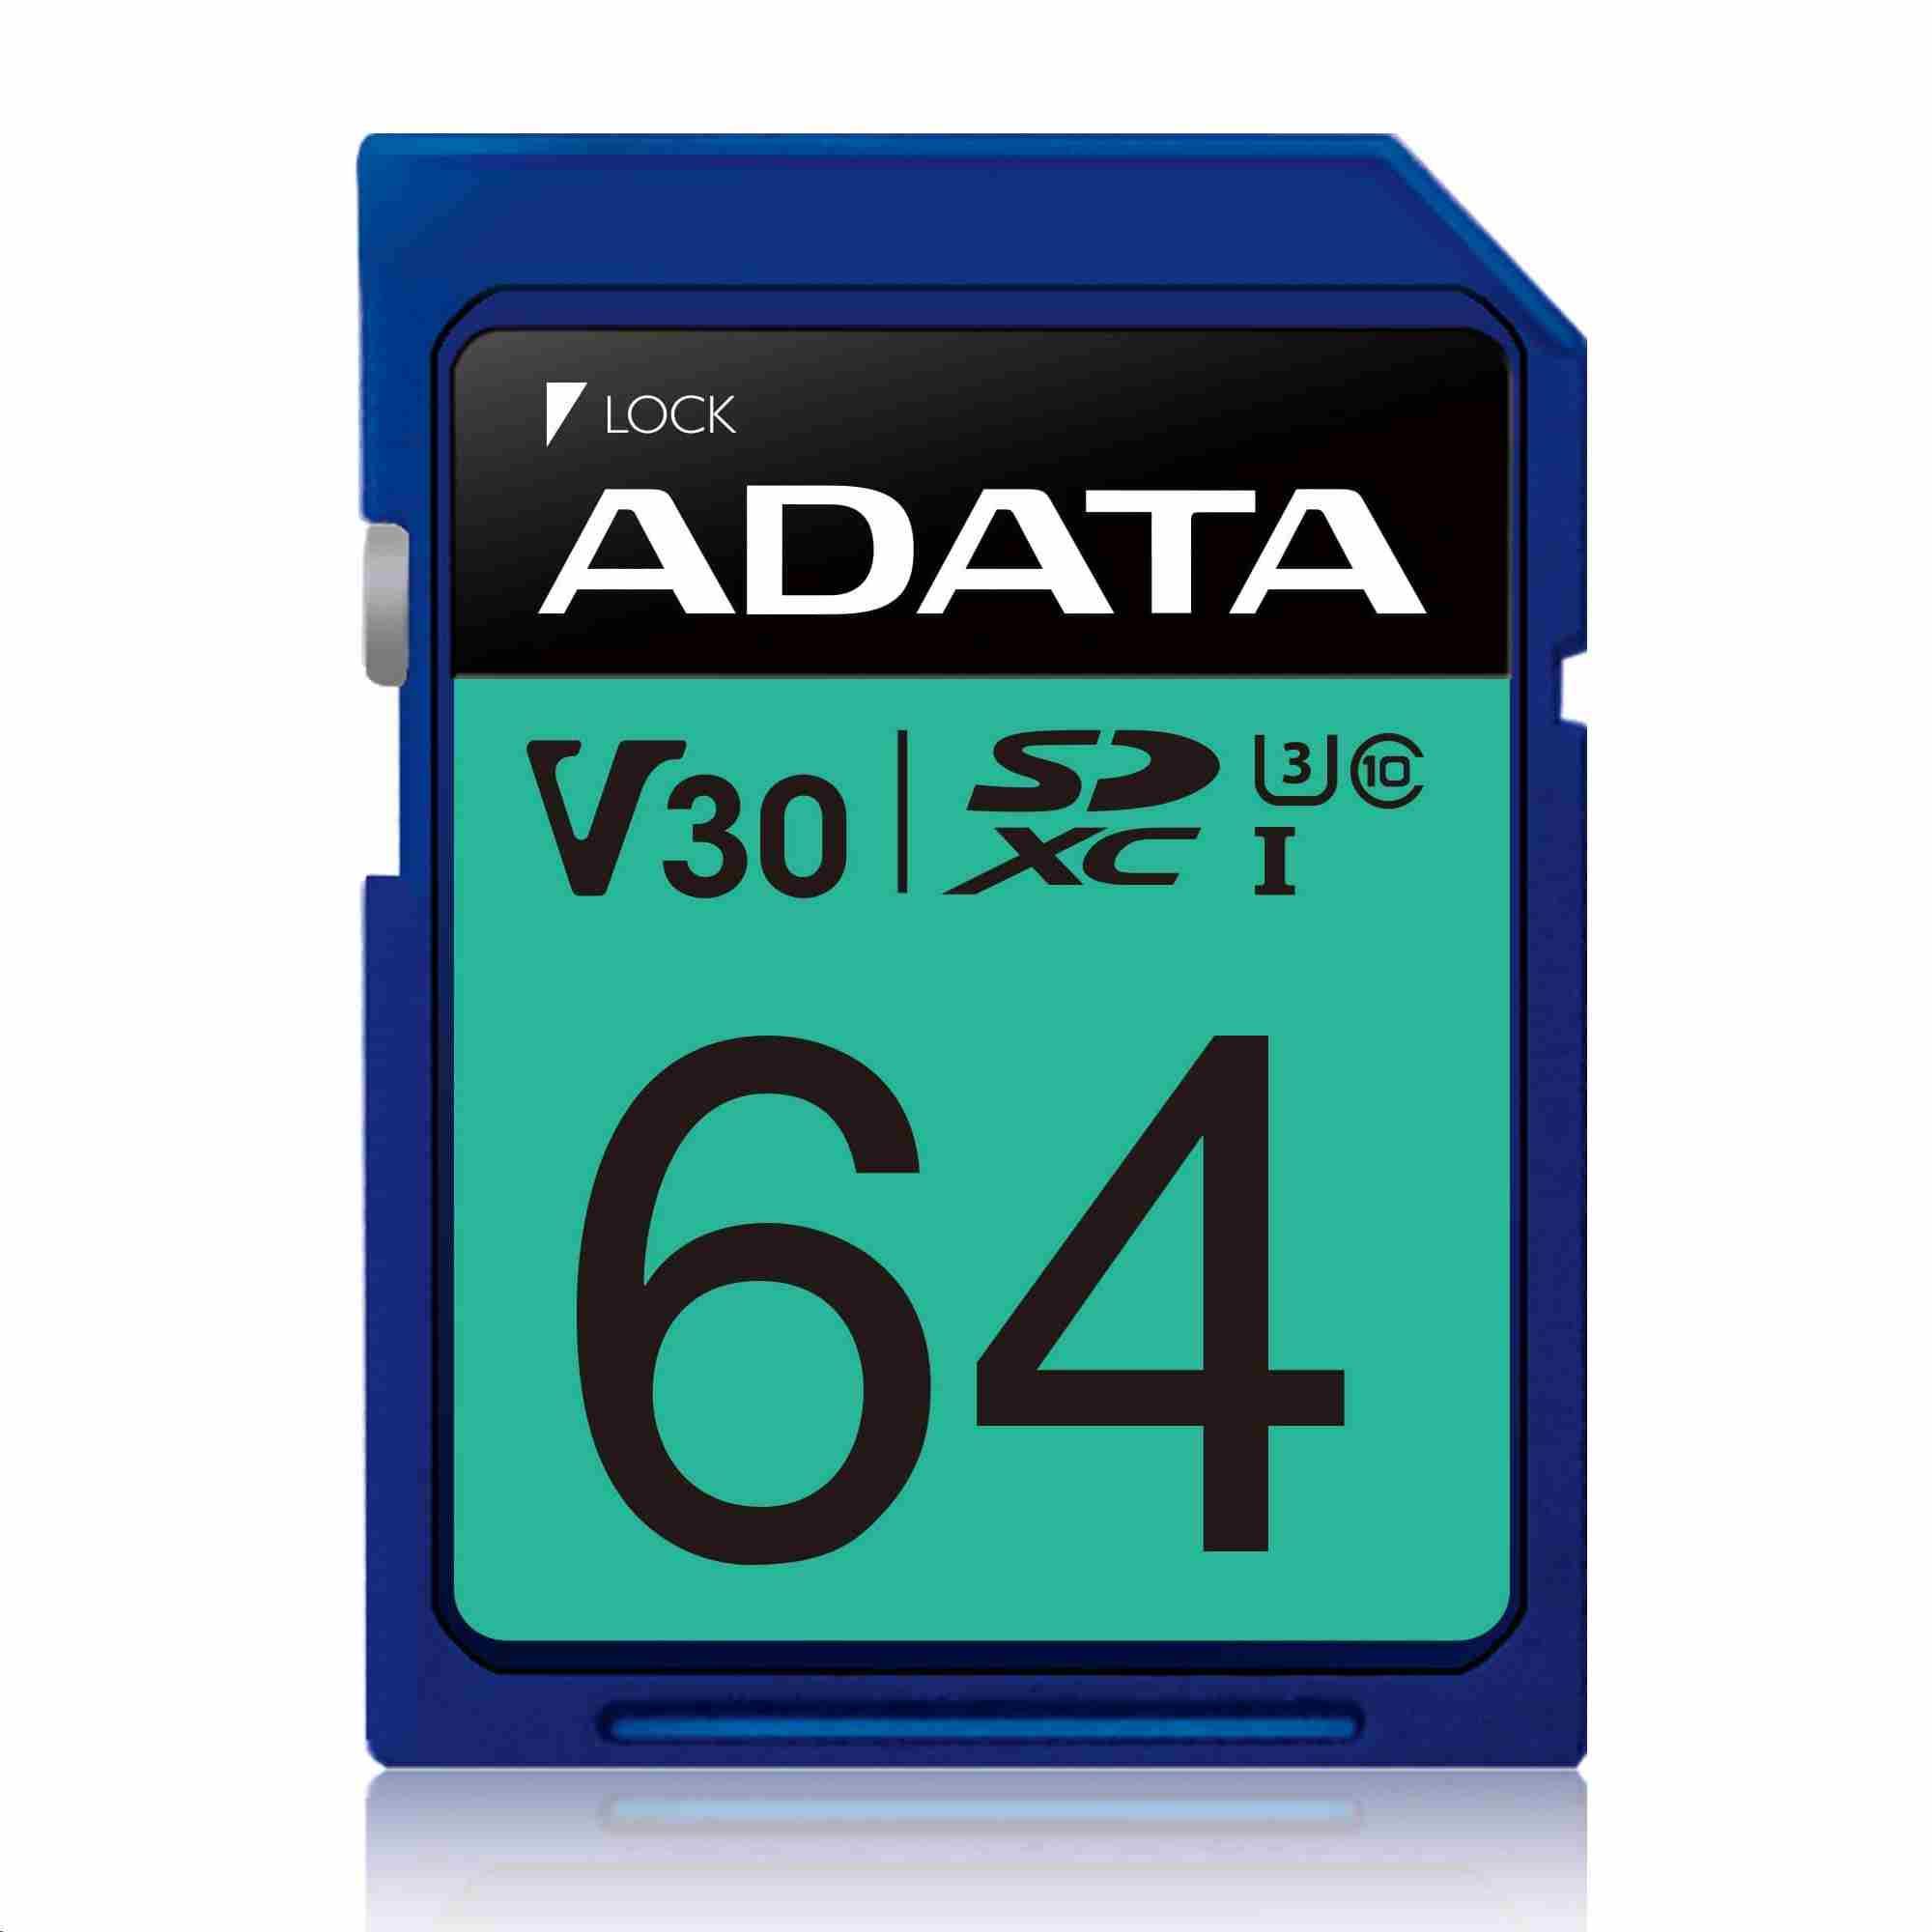 ADATA SDXC karta 64GB UHS-I U3 Class 10, Premier Pro (R: 95MB / W: 60MB)